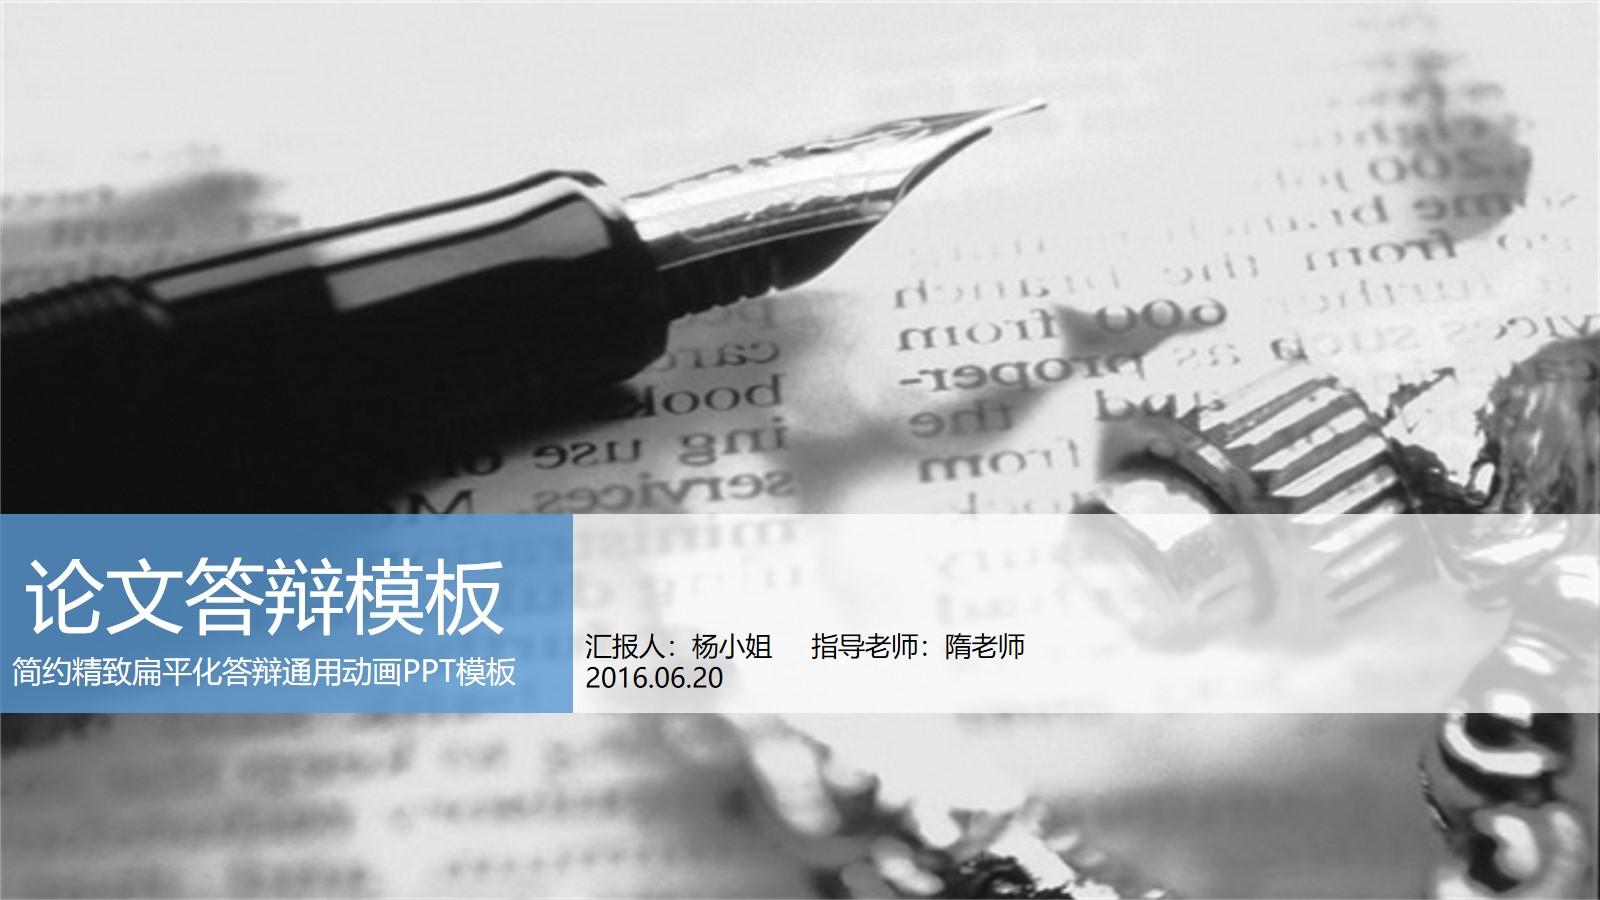 钢笔背景封面蓝灰简约精致扁平化论文答辩ppt模板